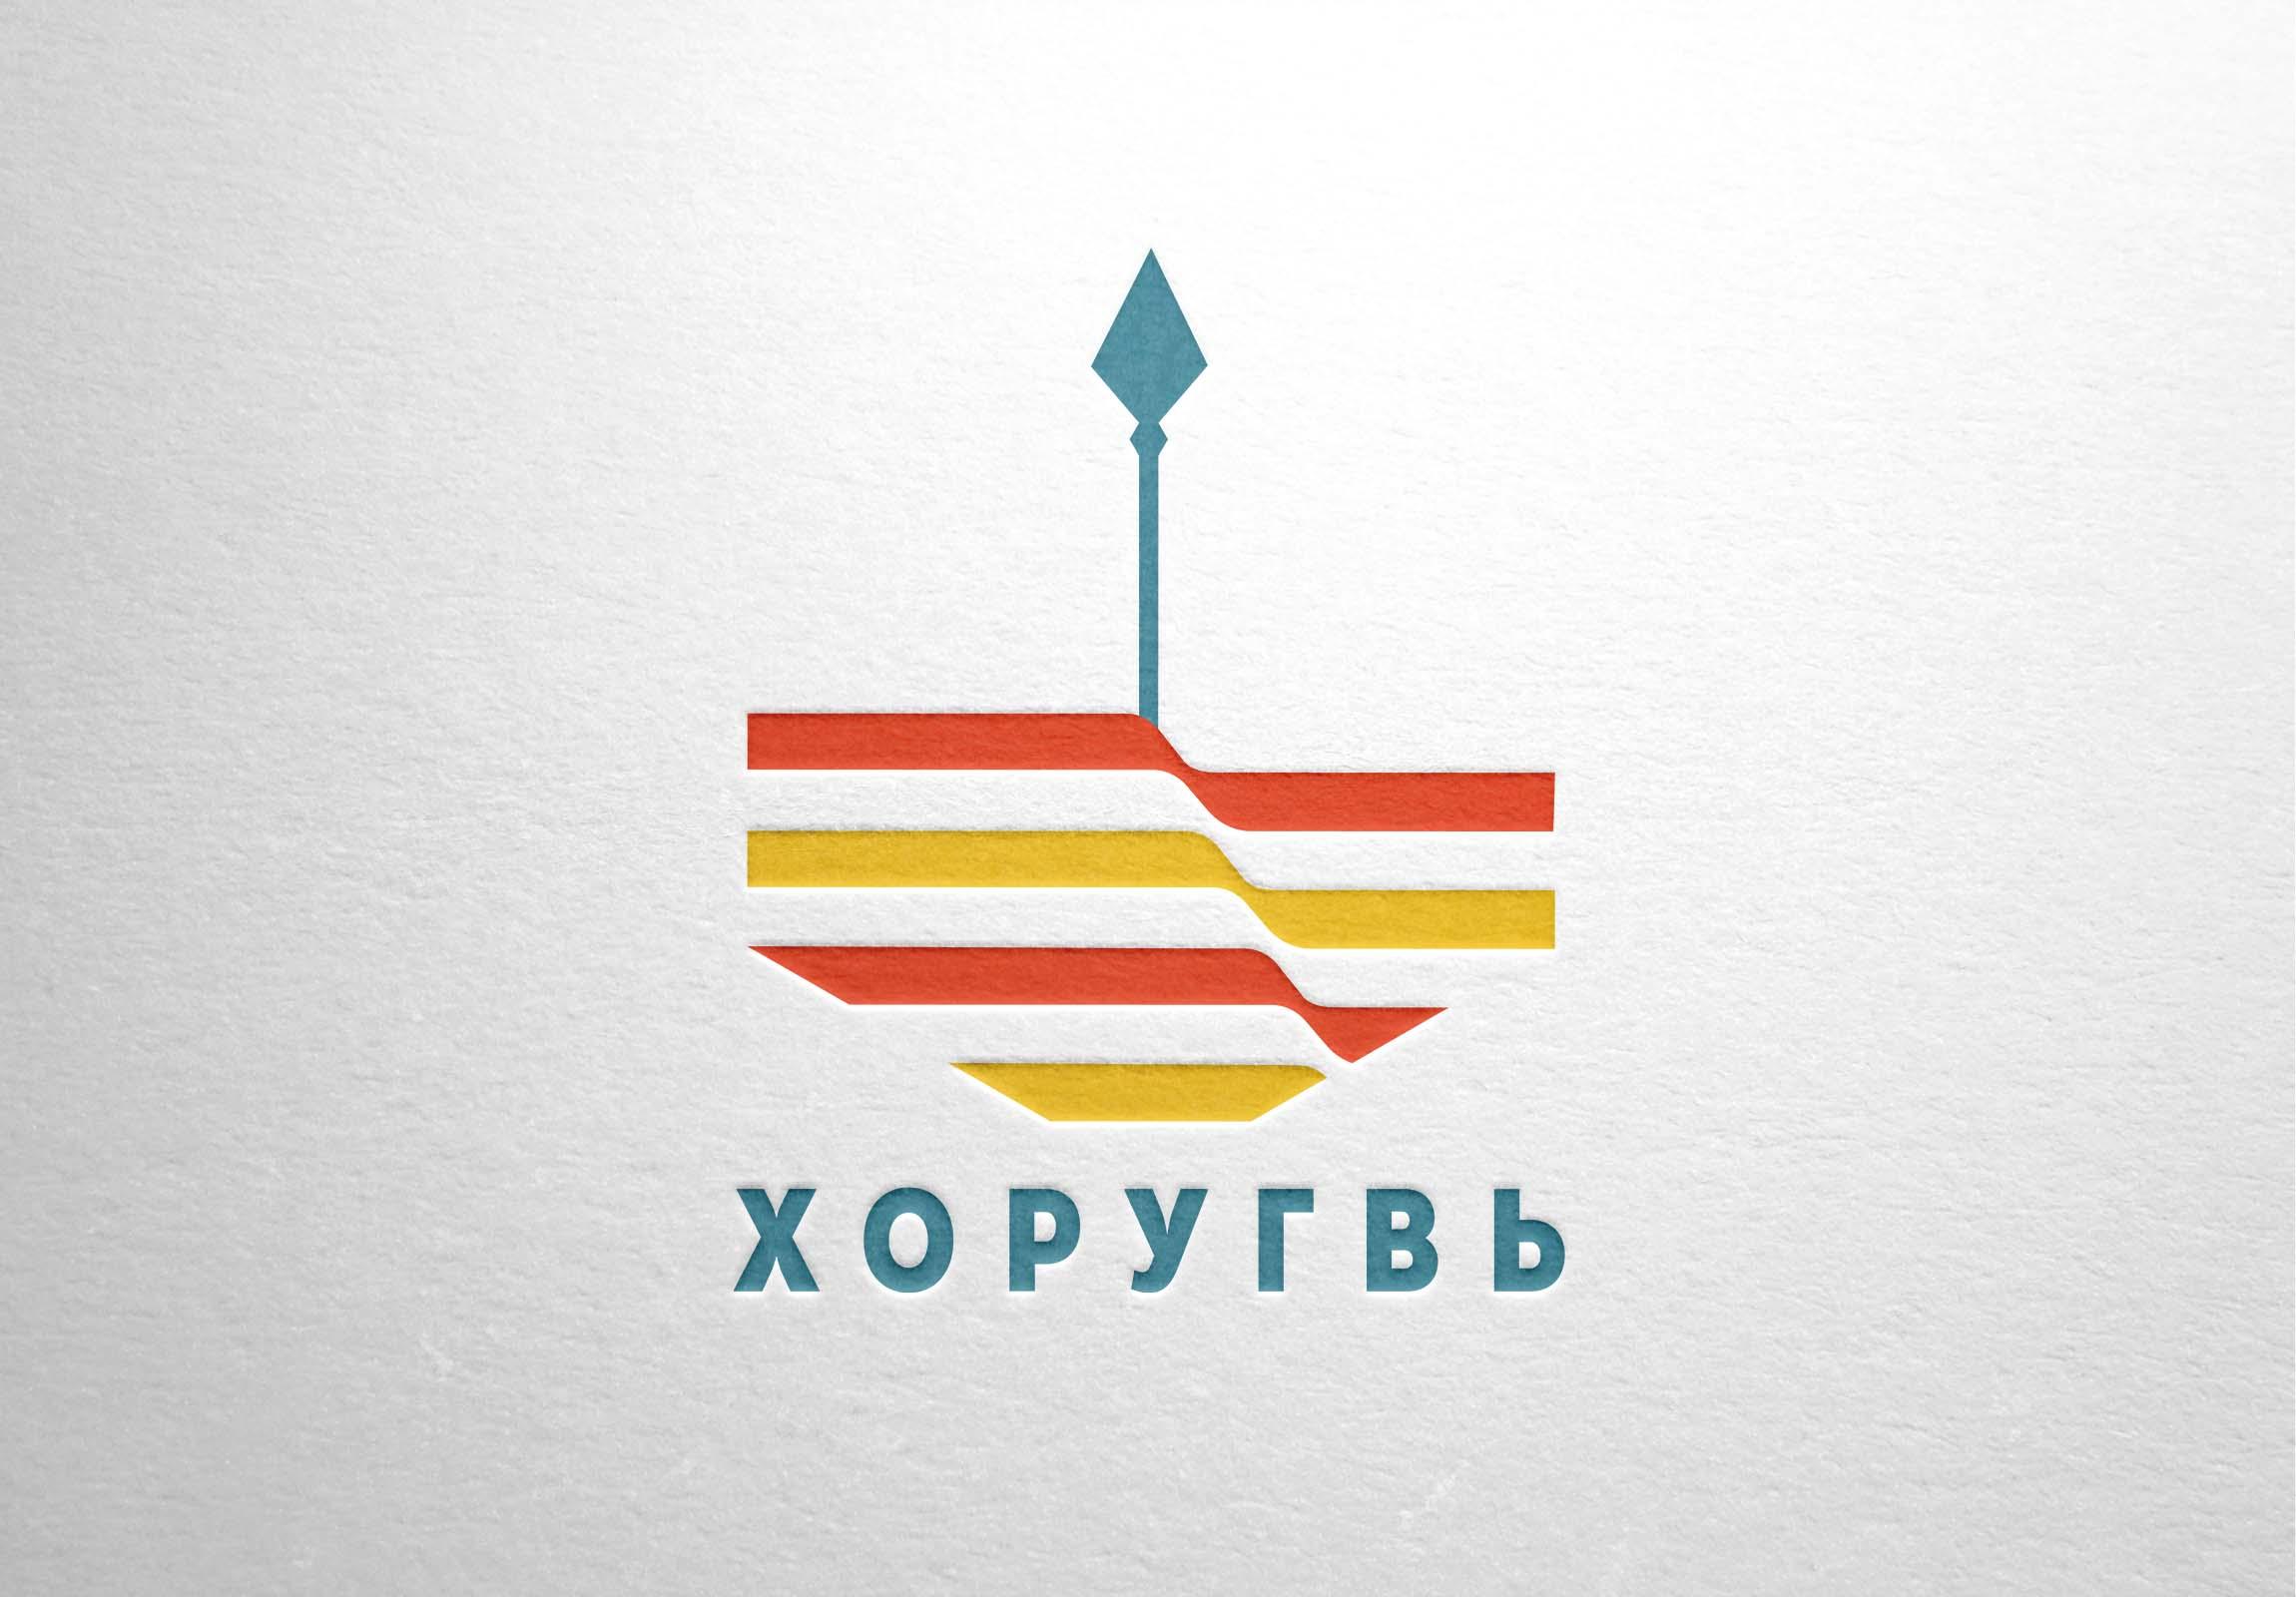 Разработка названия бренда + логотип фото f_72658ff29f8a4f57.jpg